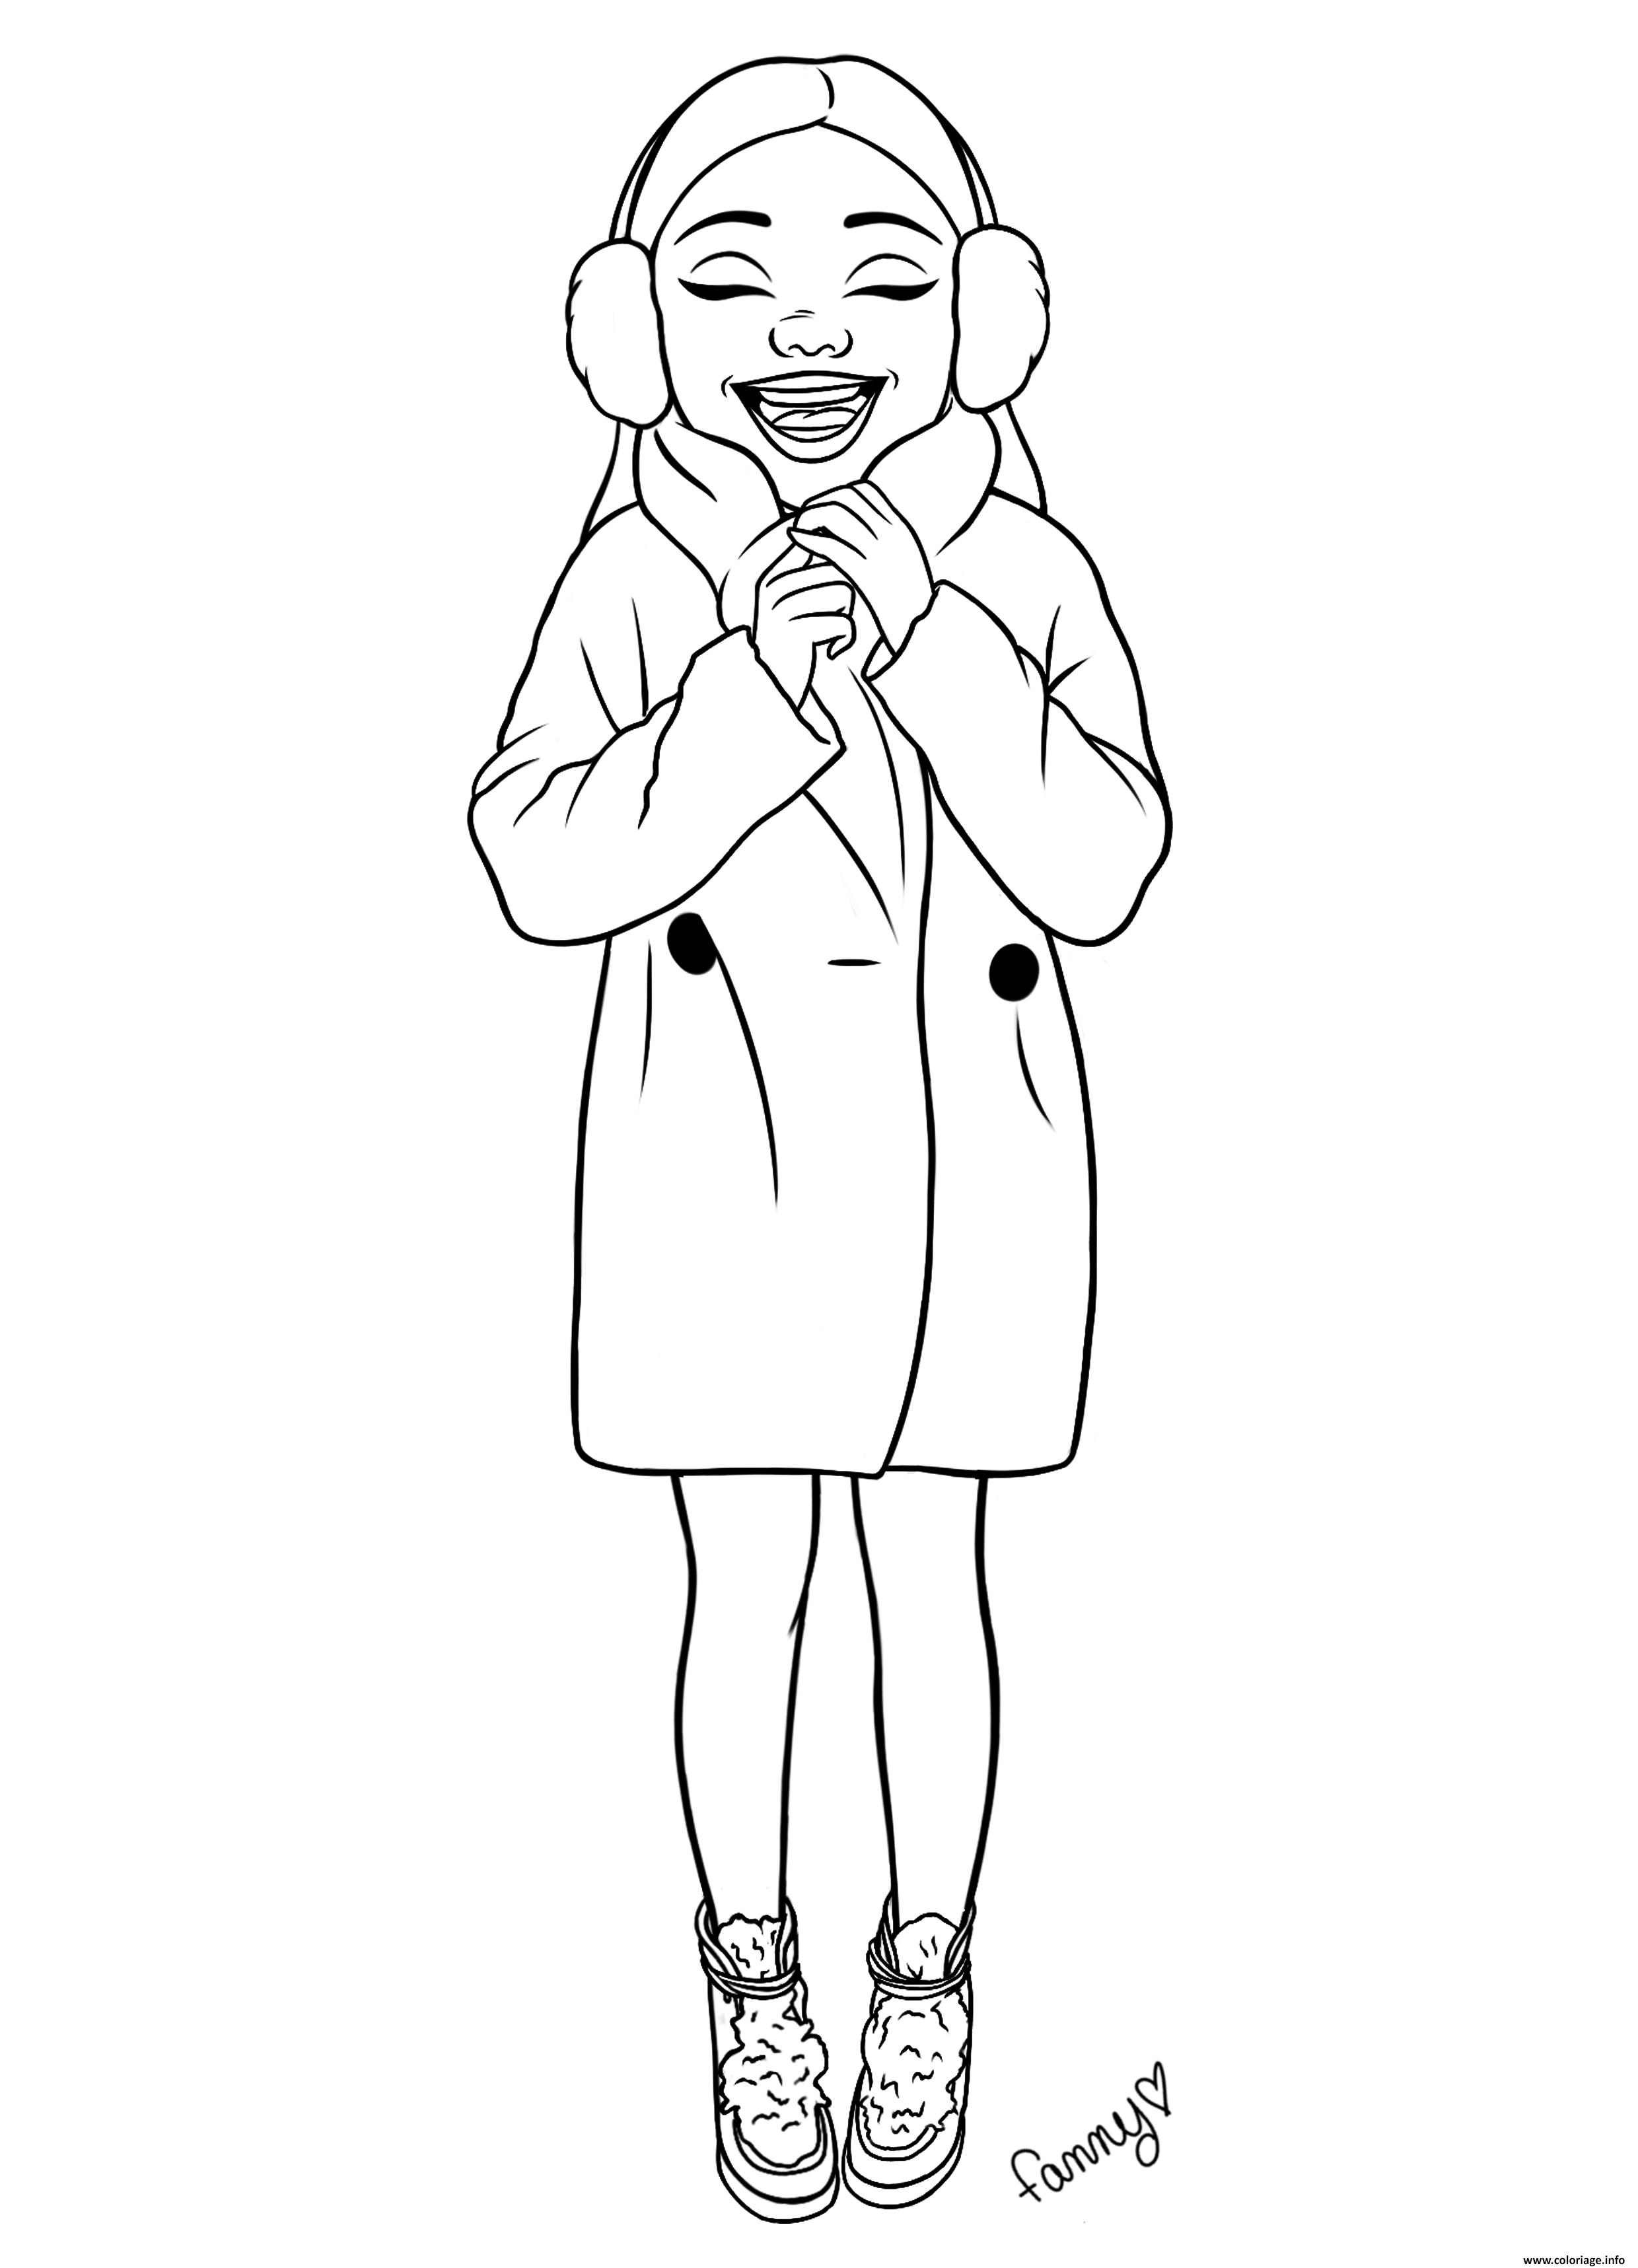 Dessin fille ado bien au chaud avec son manteau Coloriage Gratuit à Imprimer